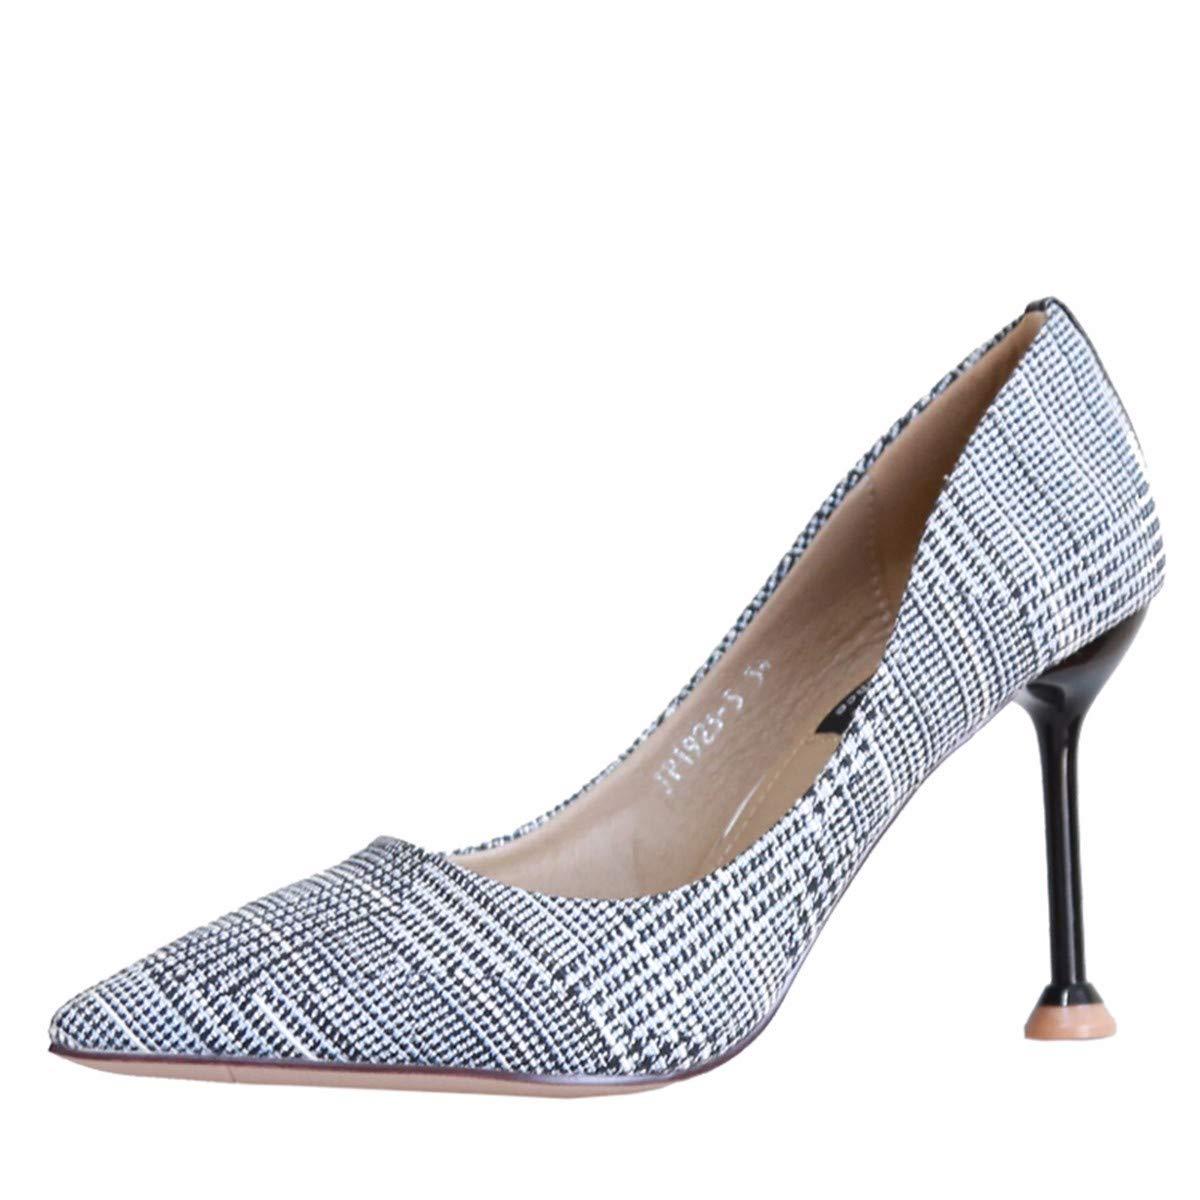 KPHY Damenschuhe/Herbst Dünn und Dünner Dünne Frauen Schuhe Sagte 18Cm Hohe Schuhe Mode Farben Flache Schuhe Einfache Schuhe.35 grau